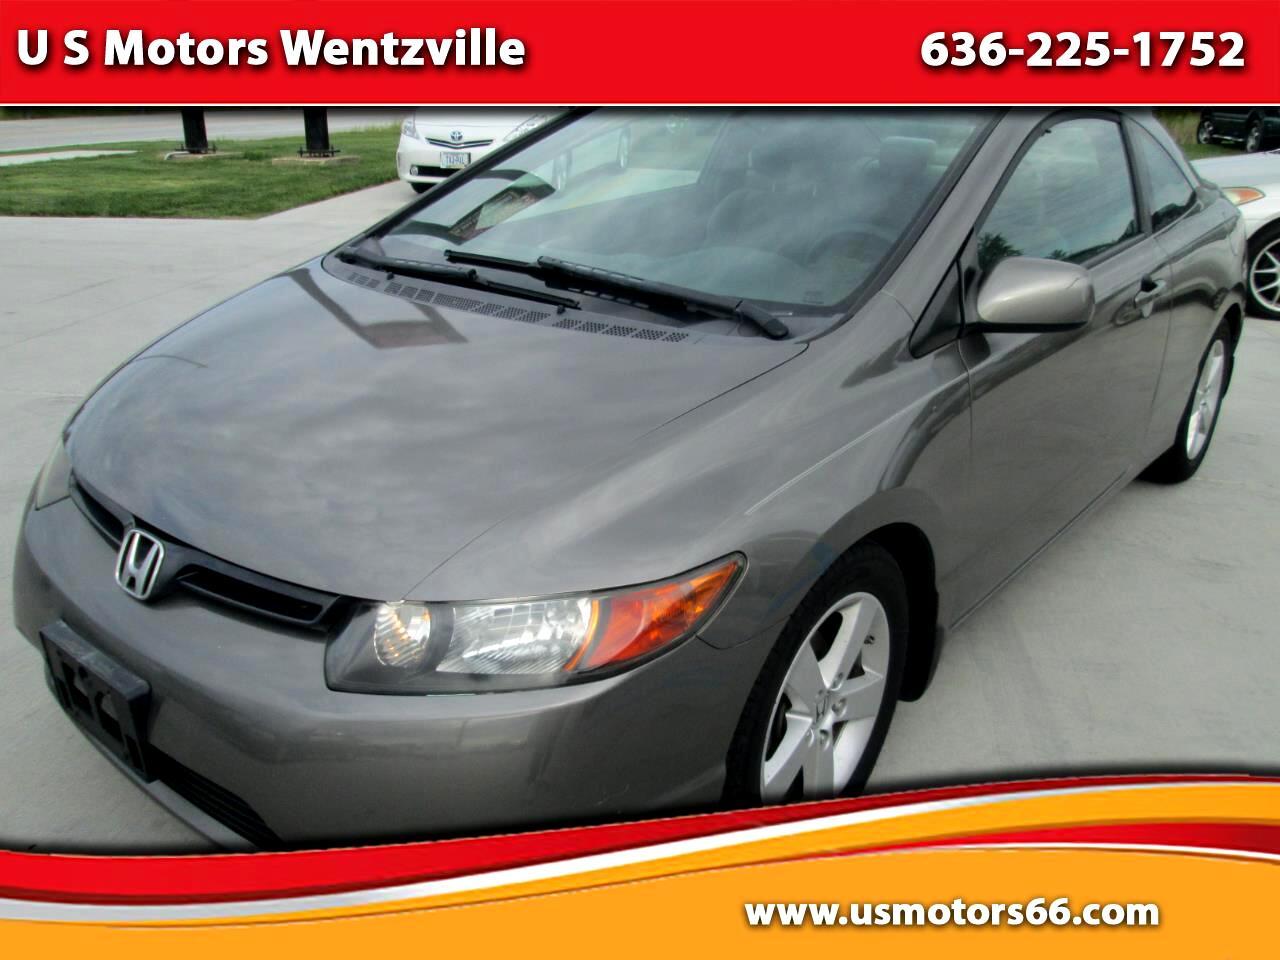 Honda Civic EX coupe 2008